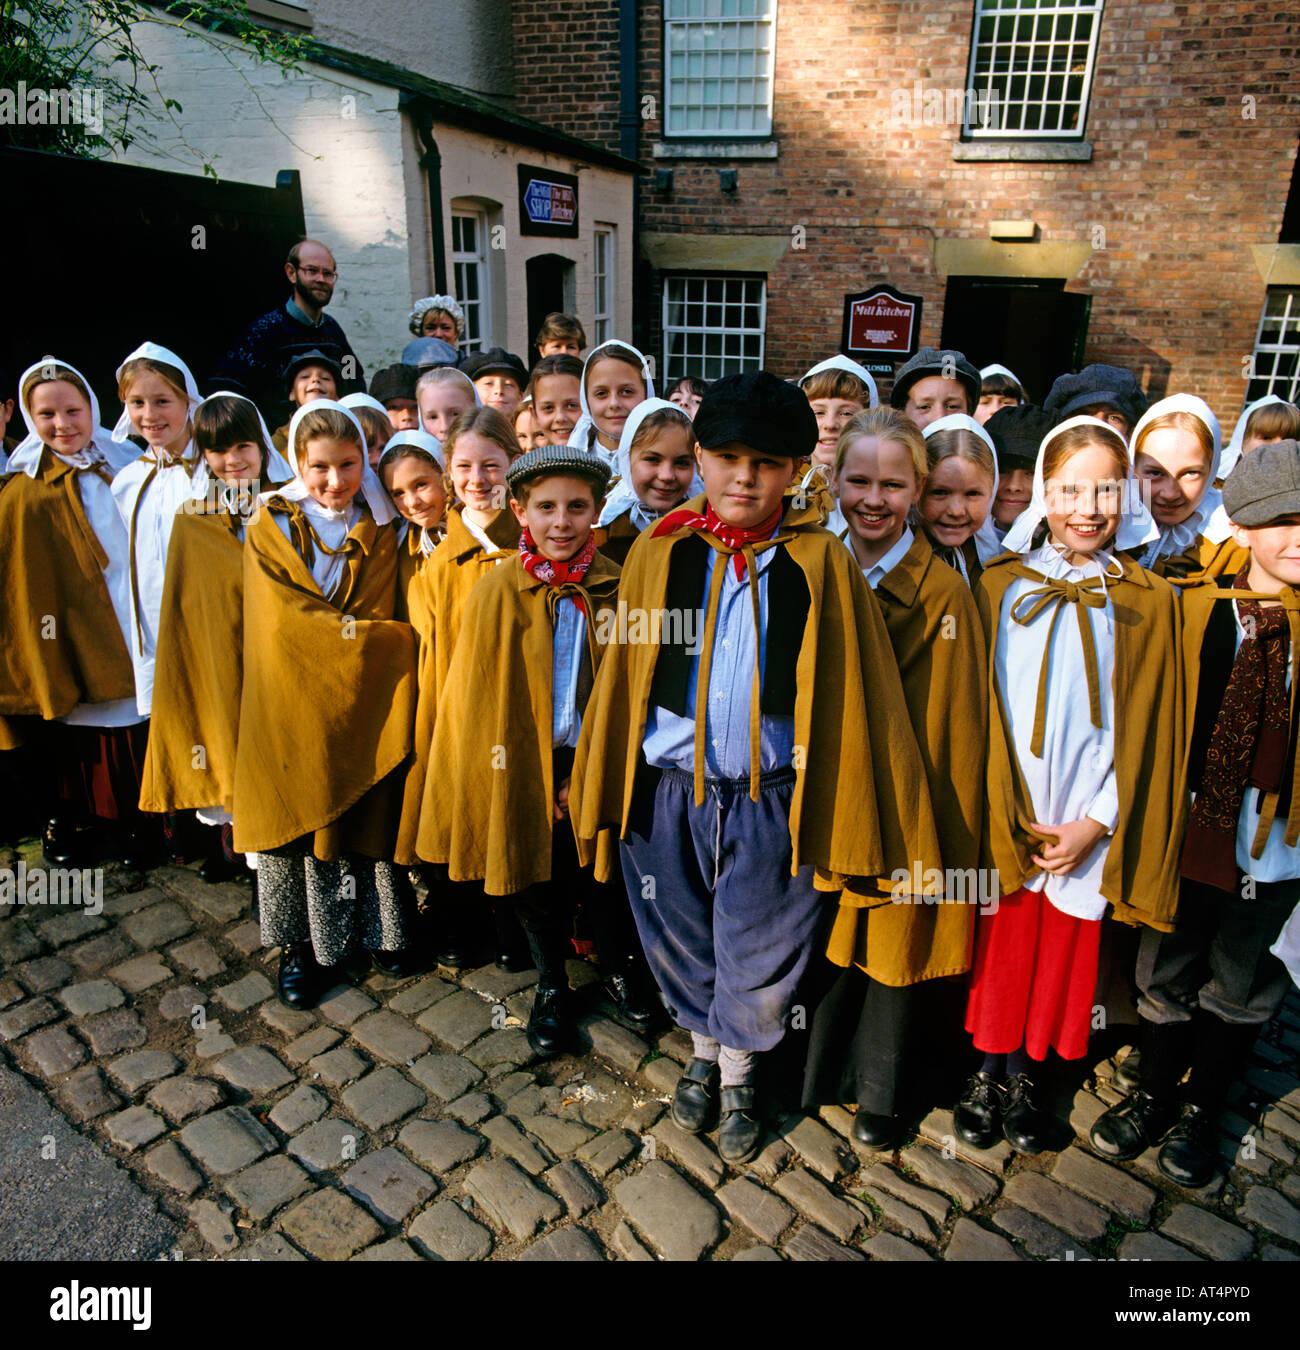 Regno Unito Cheshire istruzione Quarry Bank Mill Styal scuola bambini in C xix secolo costume apprendista Immagini Stock